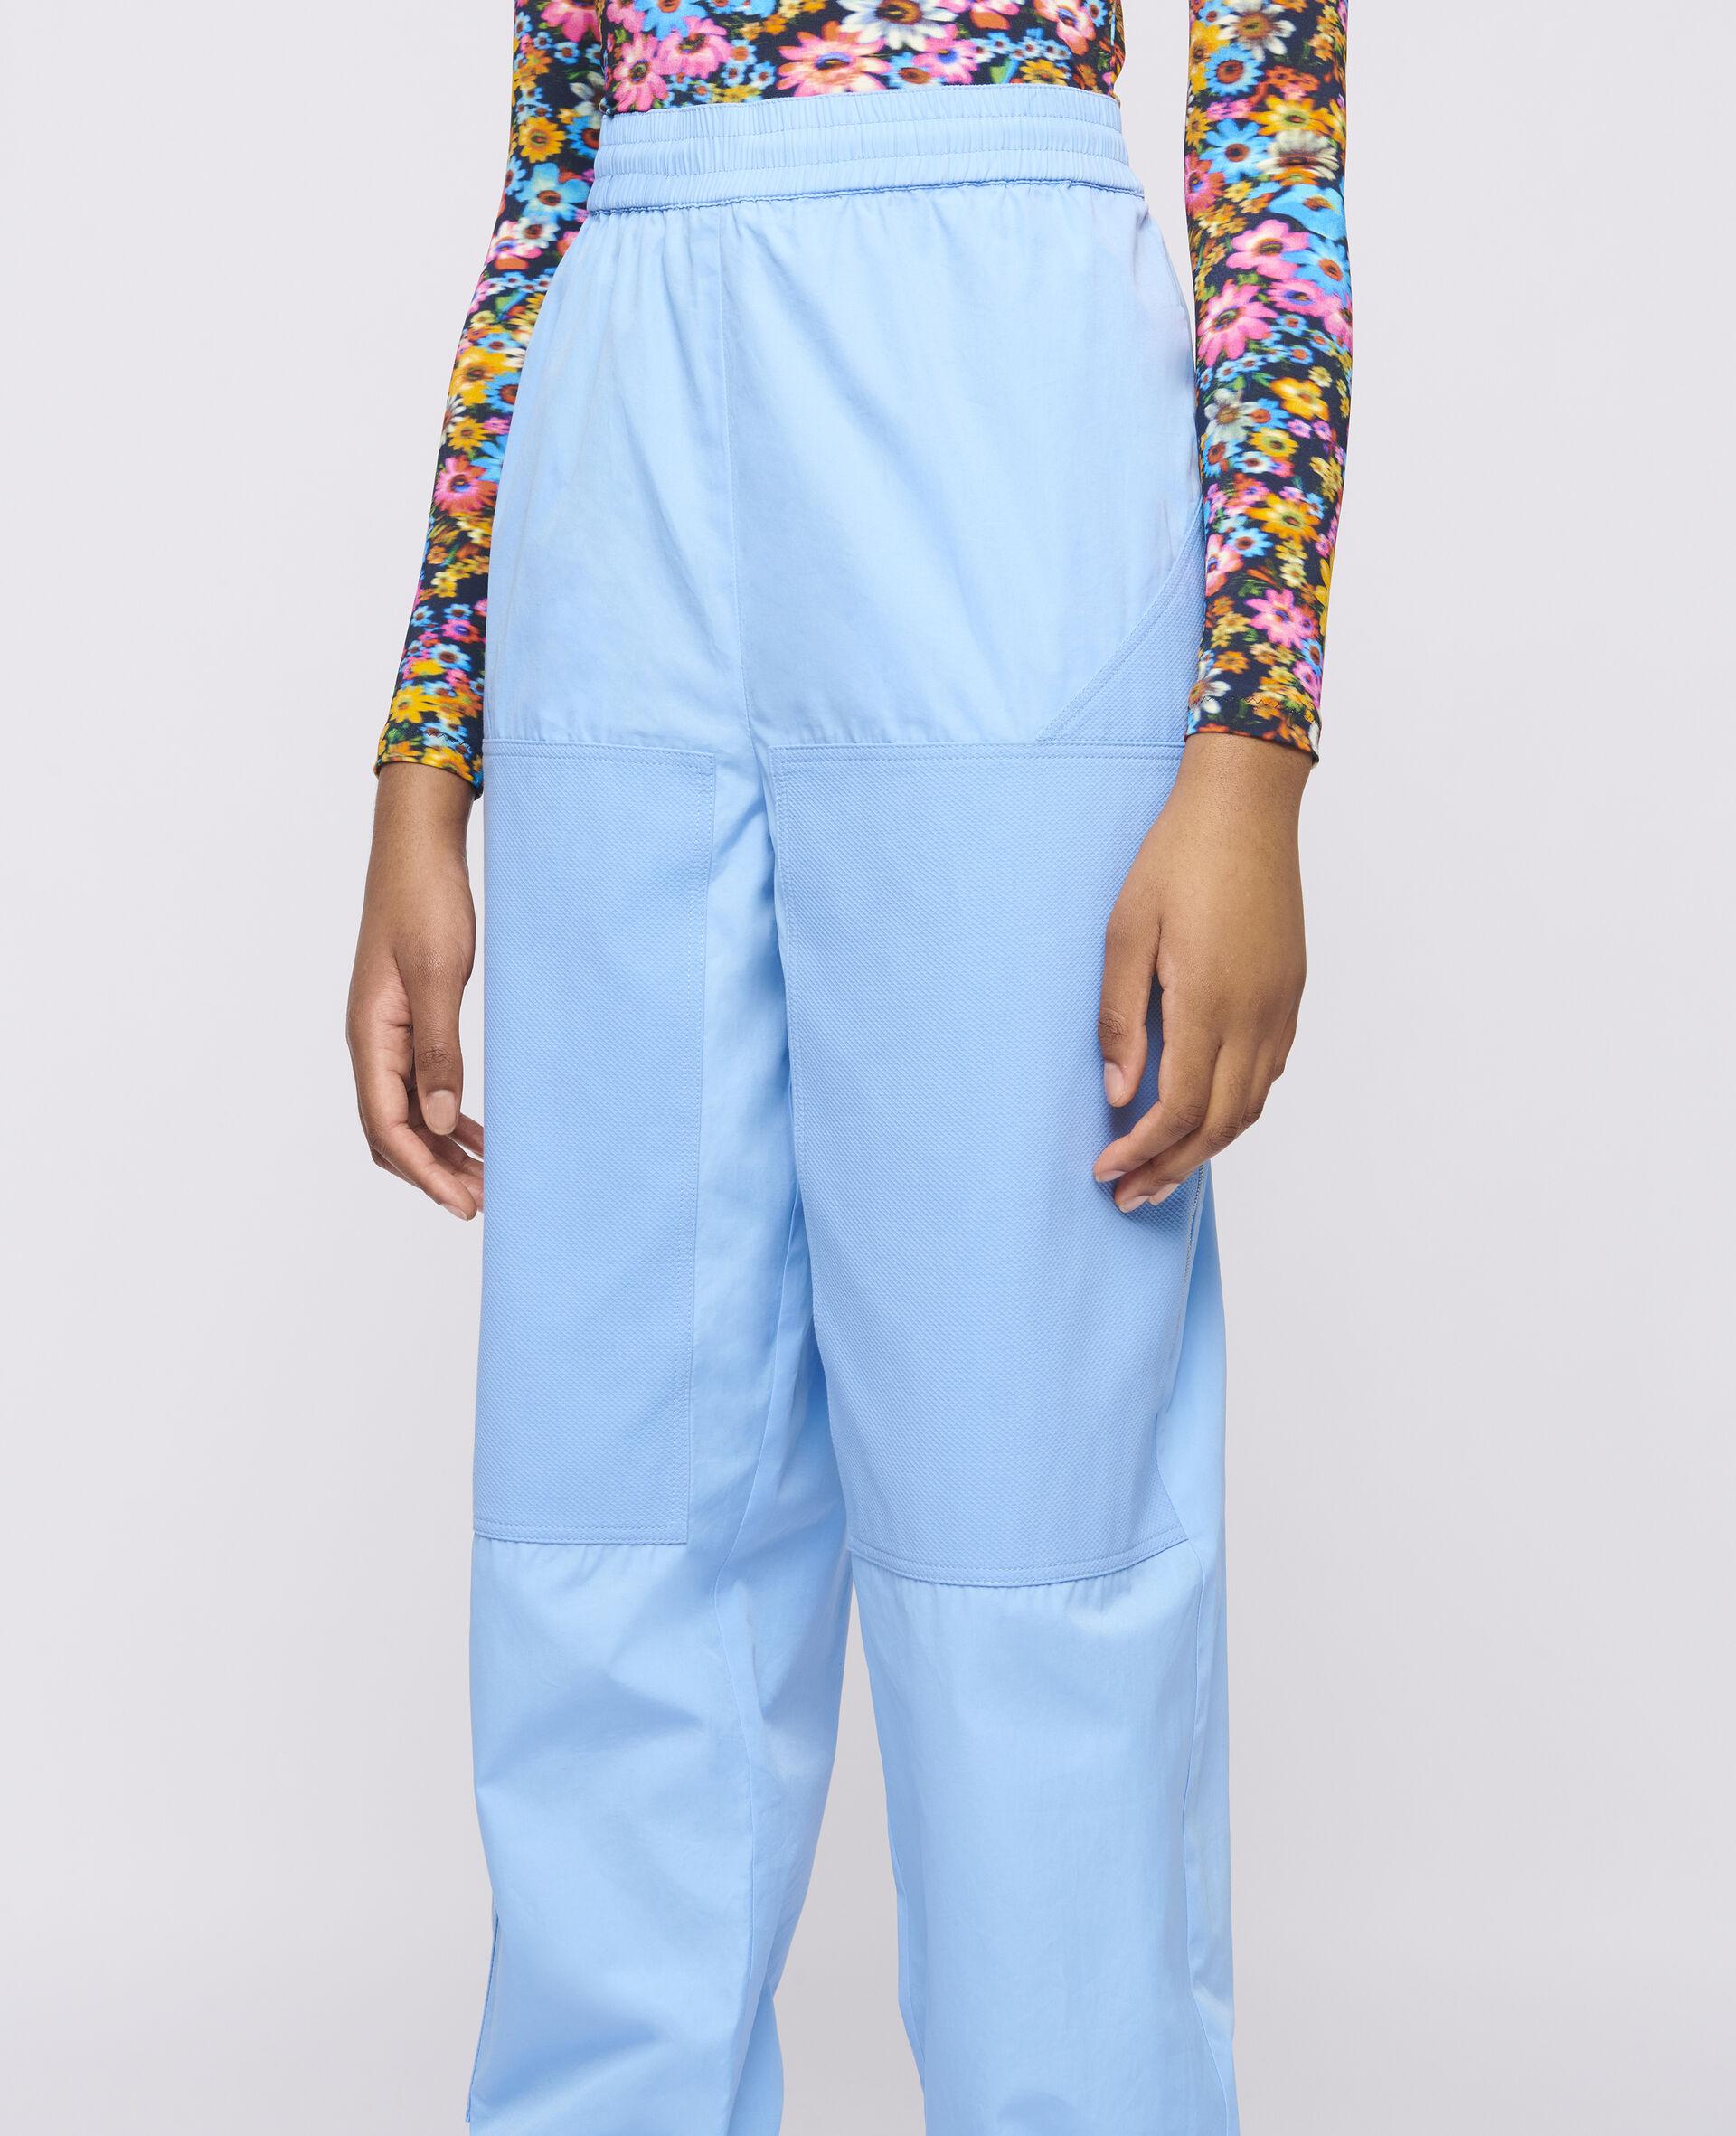 Kara Pants-Blue-large image number 3